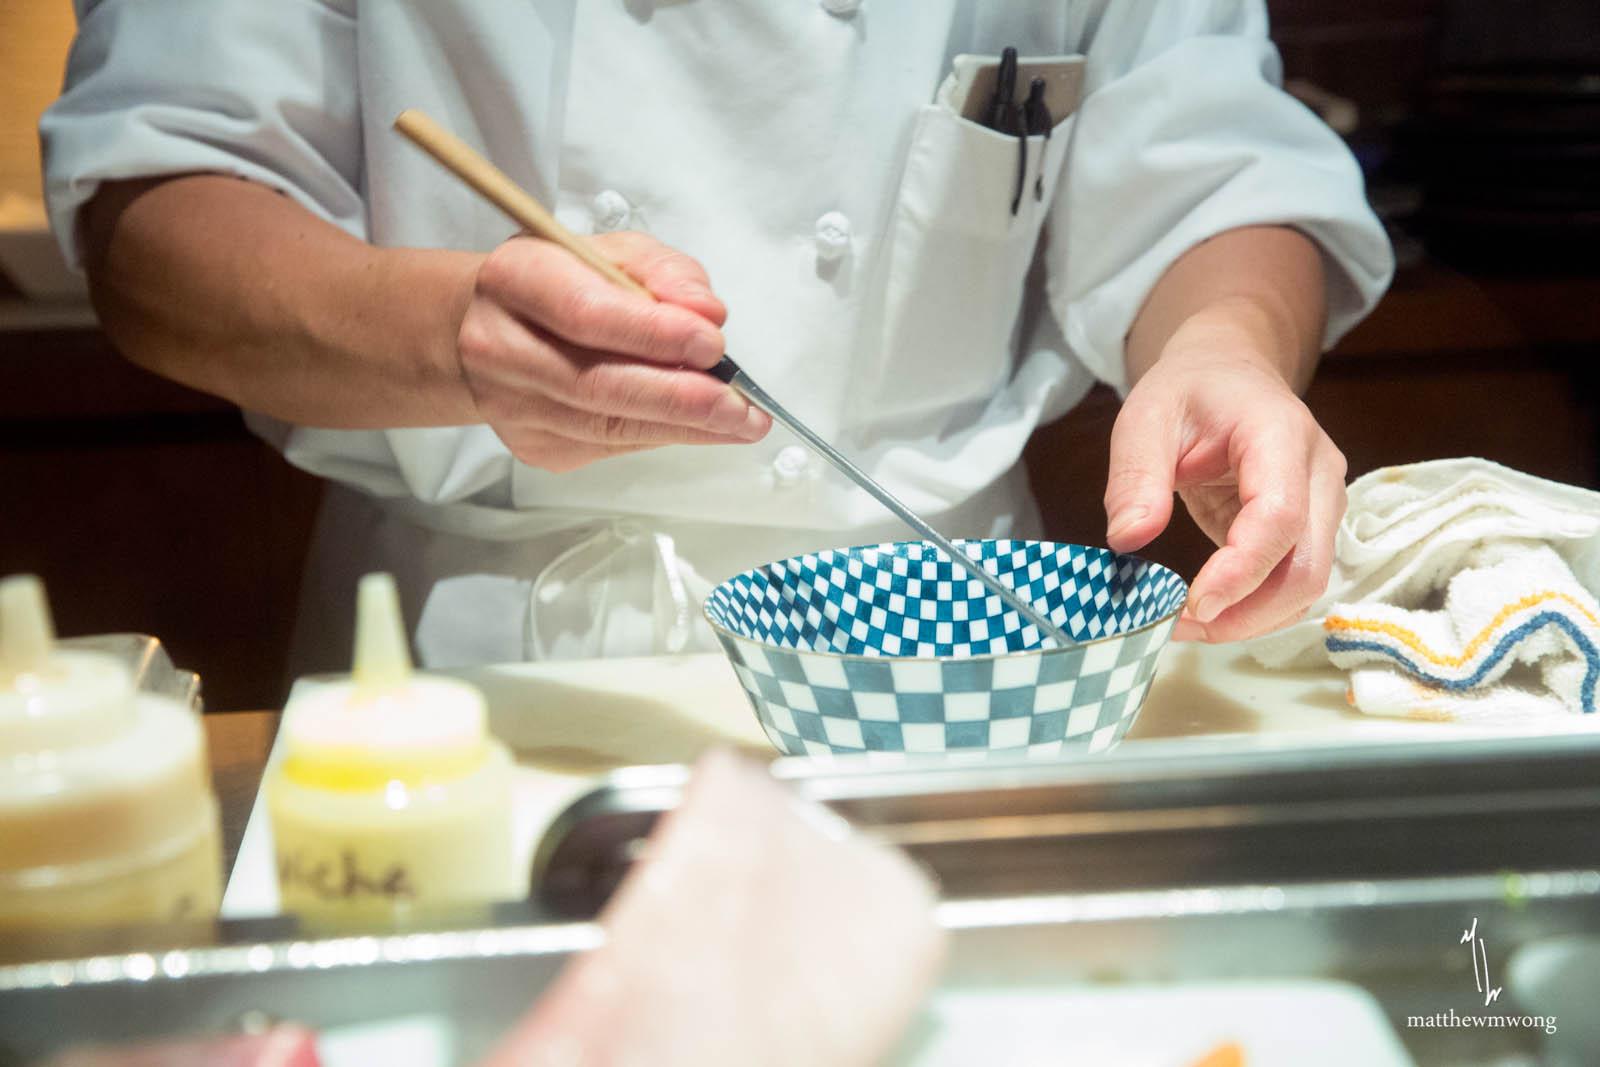 Marinade / Prep of the Next Dish